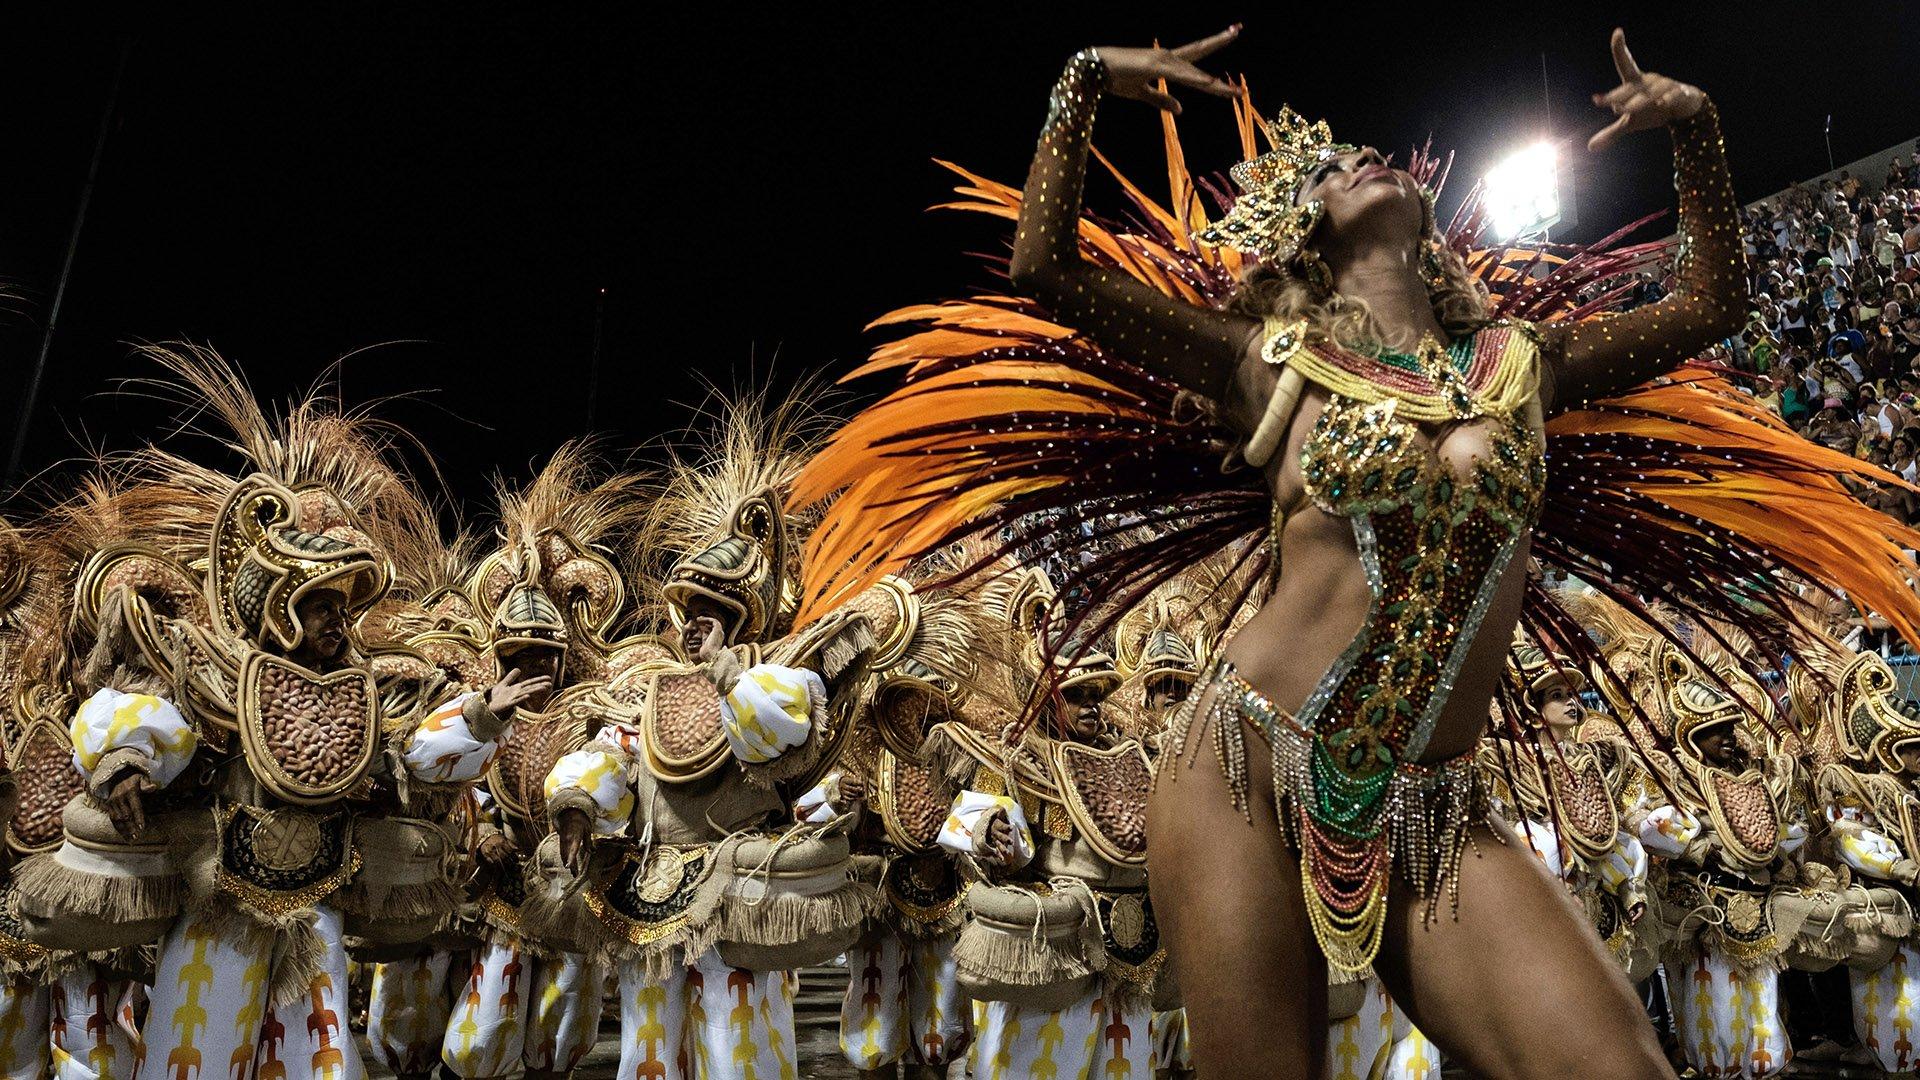 Los 8 Mejores Carnavales Del Mundo The Idealist - Carnavales-del-mundo